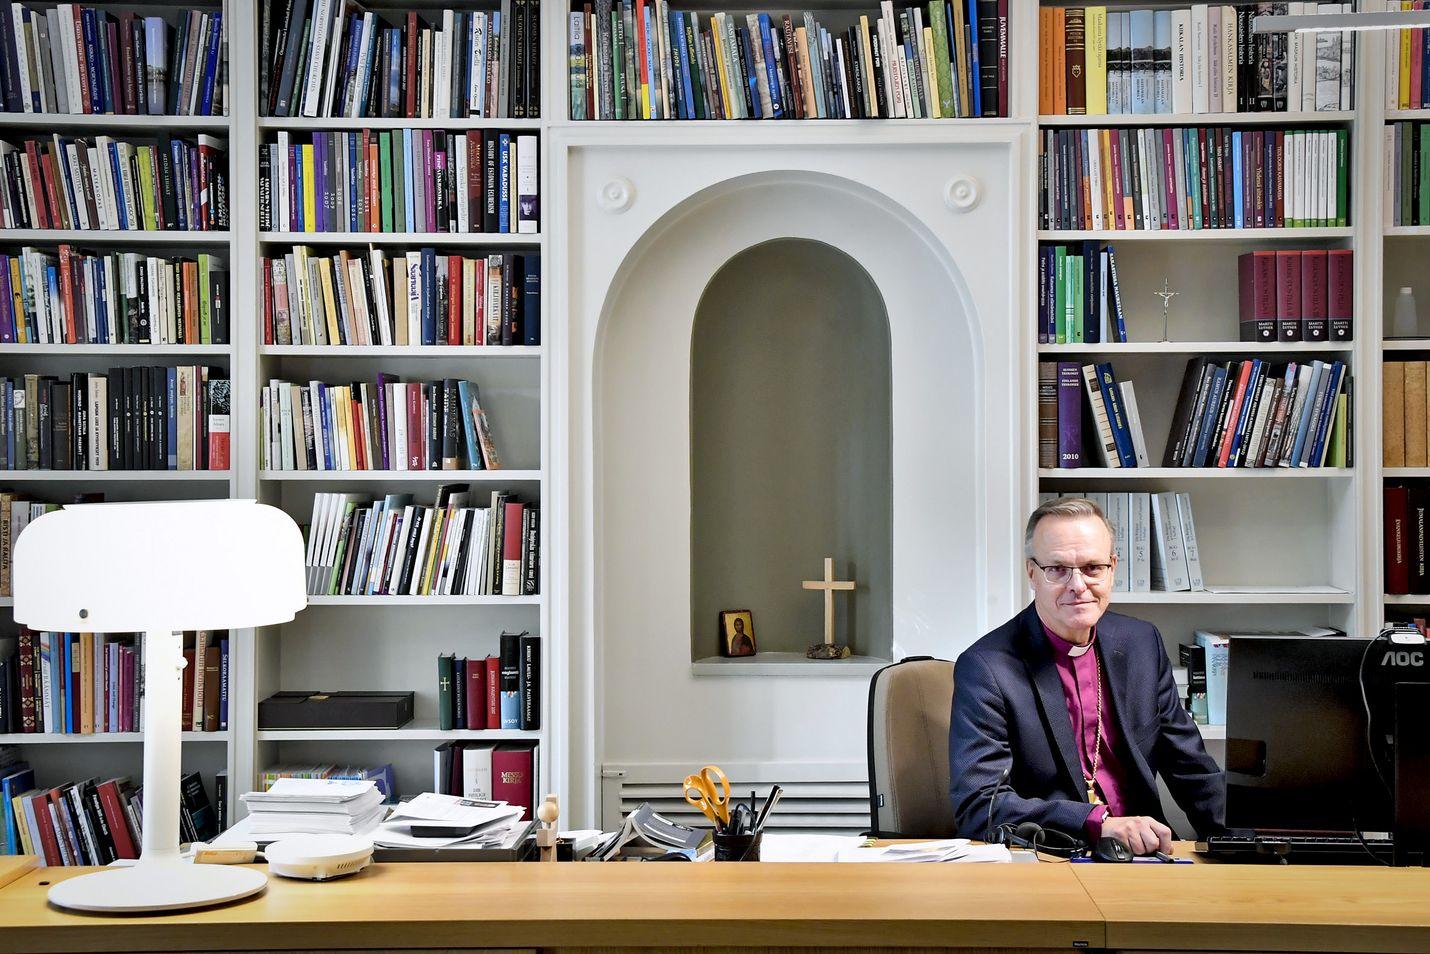 Arkkipiispan työhuone on täynnä omia ja edeltäjiltä jääneitä kirjoja. Nykyinen arkkipiispa Tapio Luoma sanoo ajan olevan nyt kypsä piispojen yhteiselle puheenvuorolle, jolla kerrotaan Raamatun tärkeydestä ja sen tulkinnan tavoista luterilaisessa kirkossa.